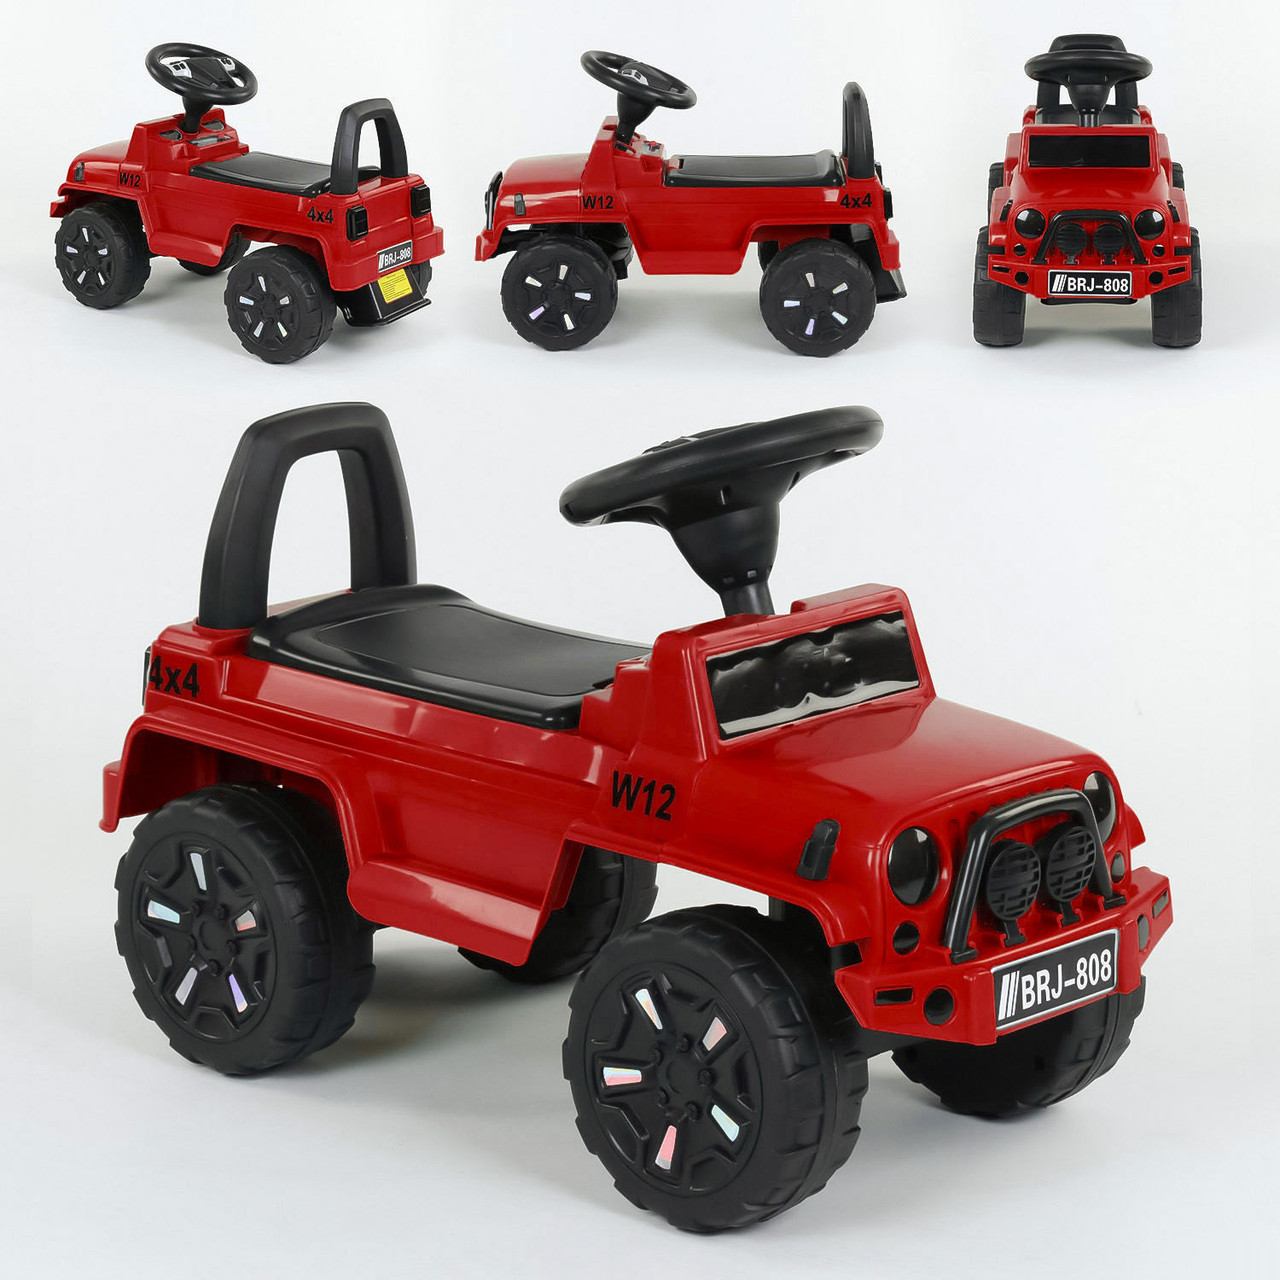 Машина-Толокар 808 G-8207 JOY Красный Гарантия качества Быстрая доставка